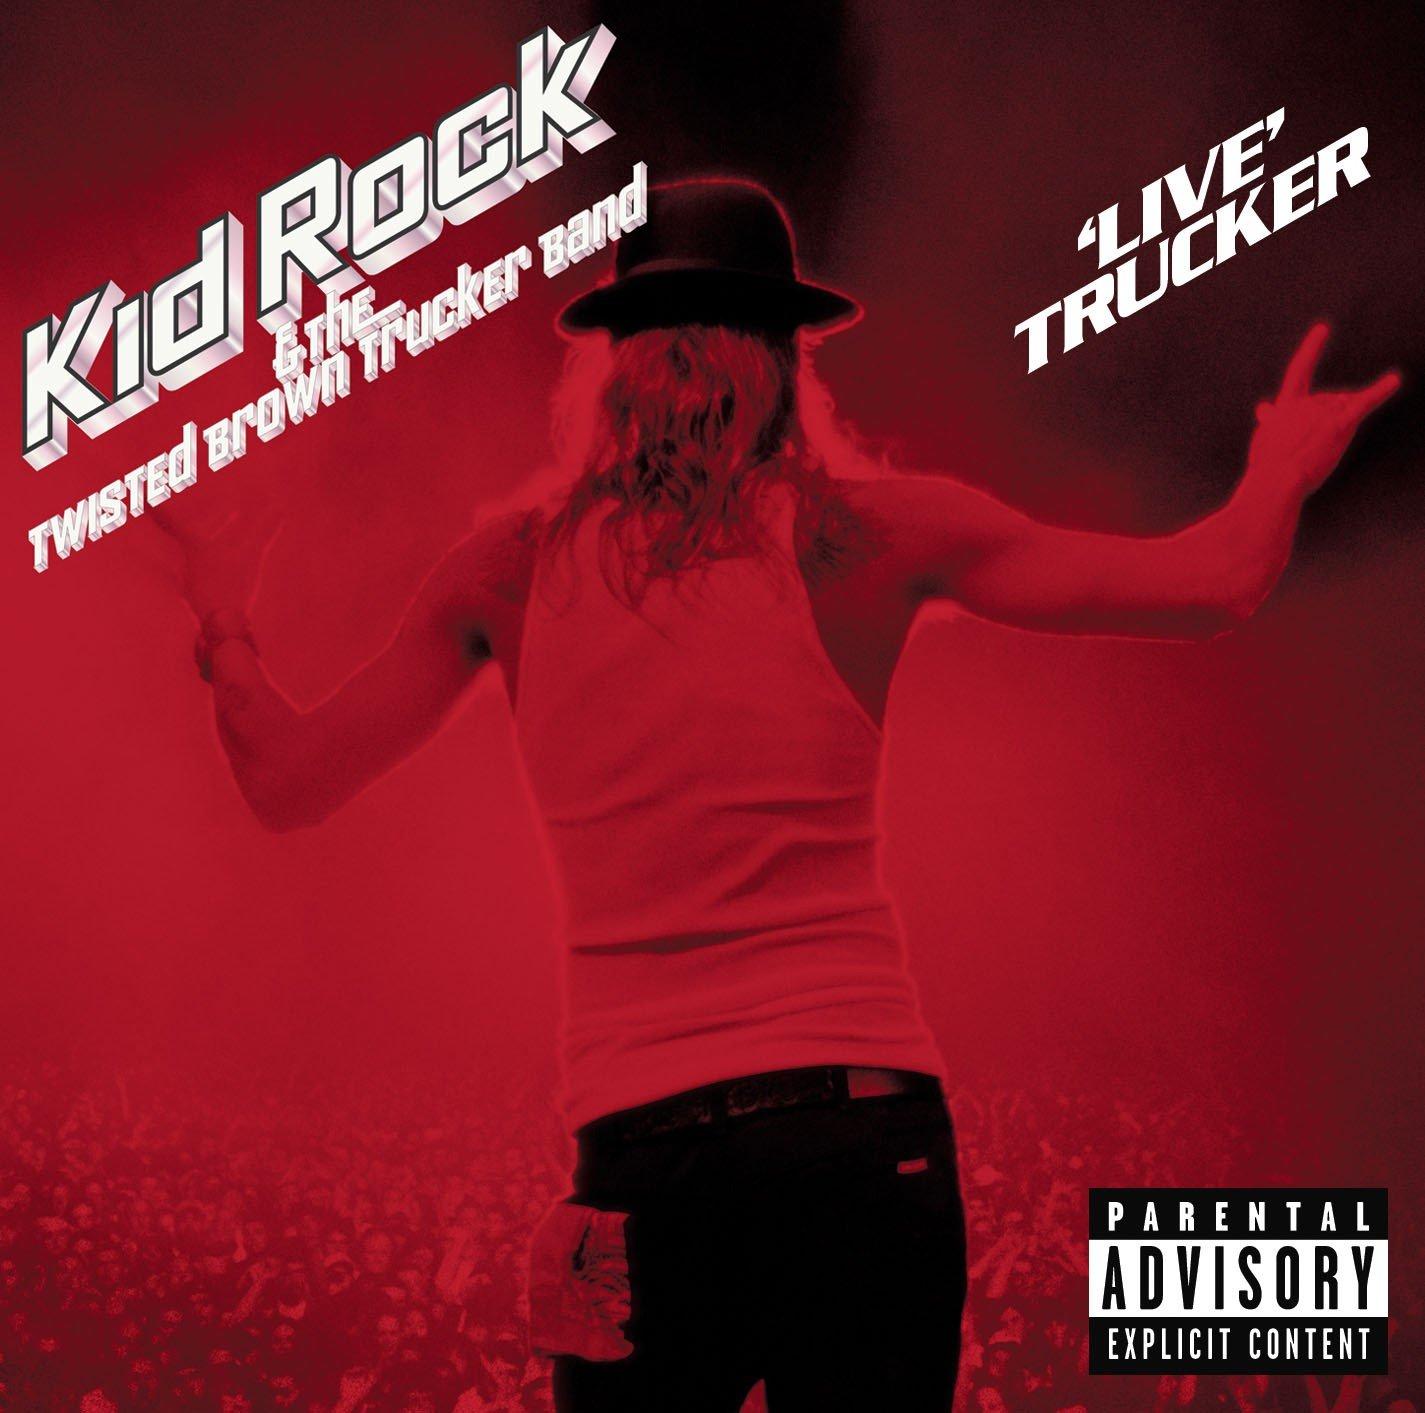 Live Trucker by KID ROCK